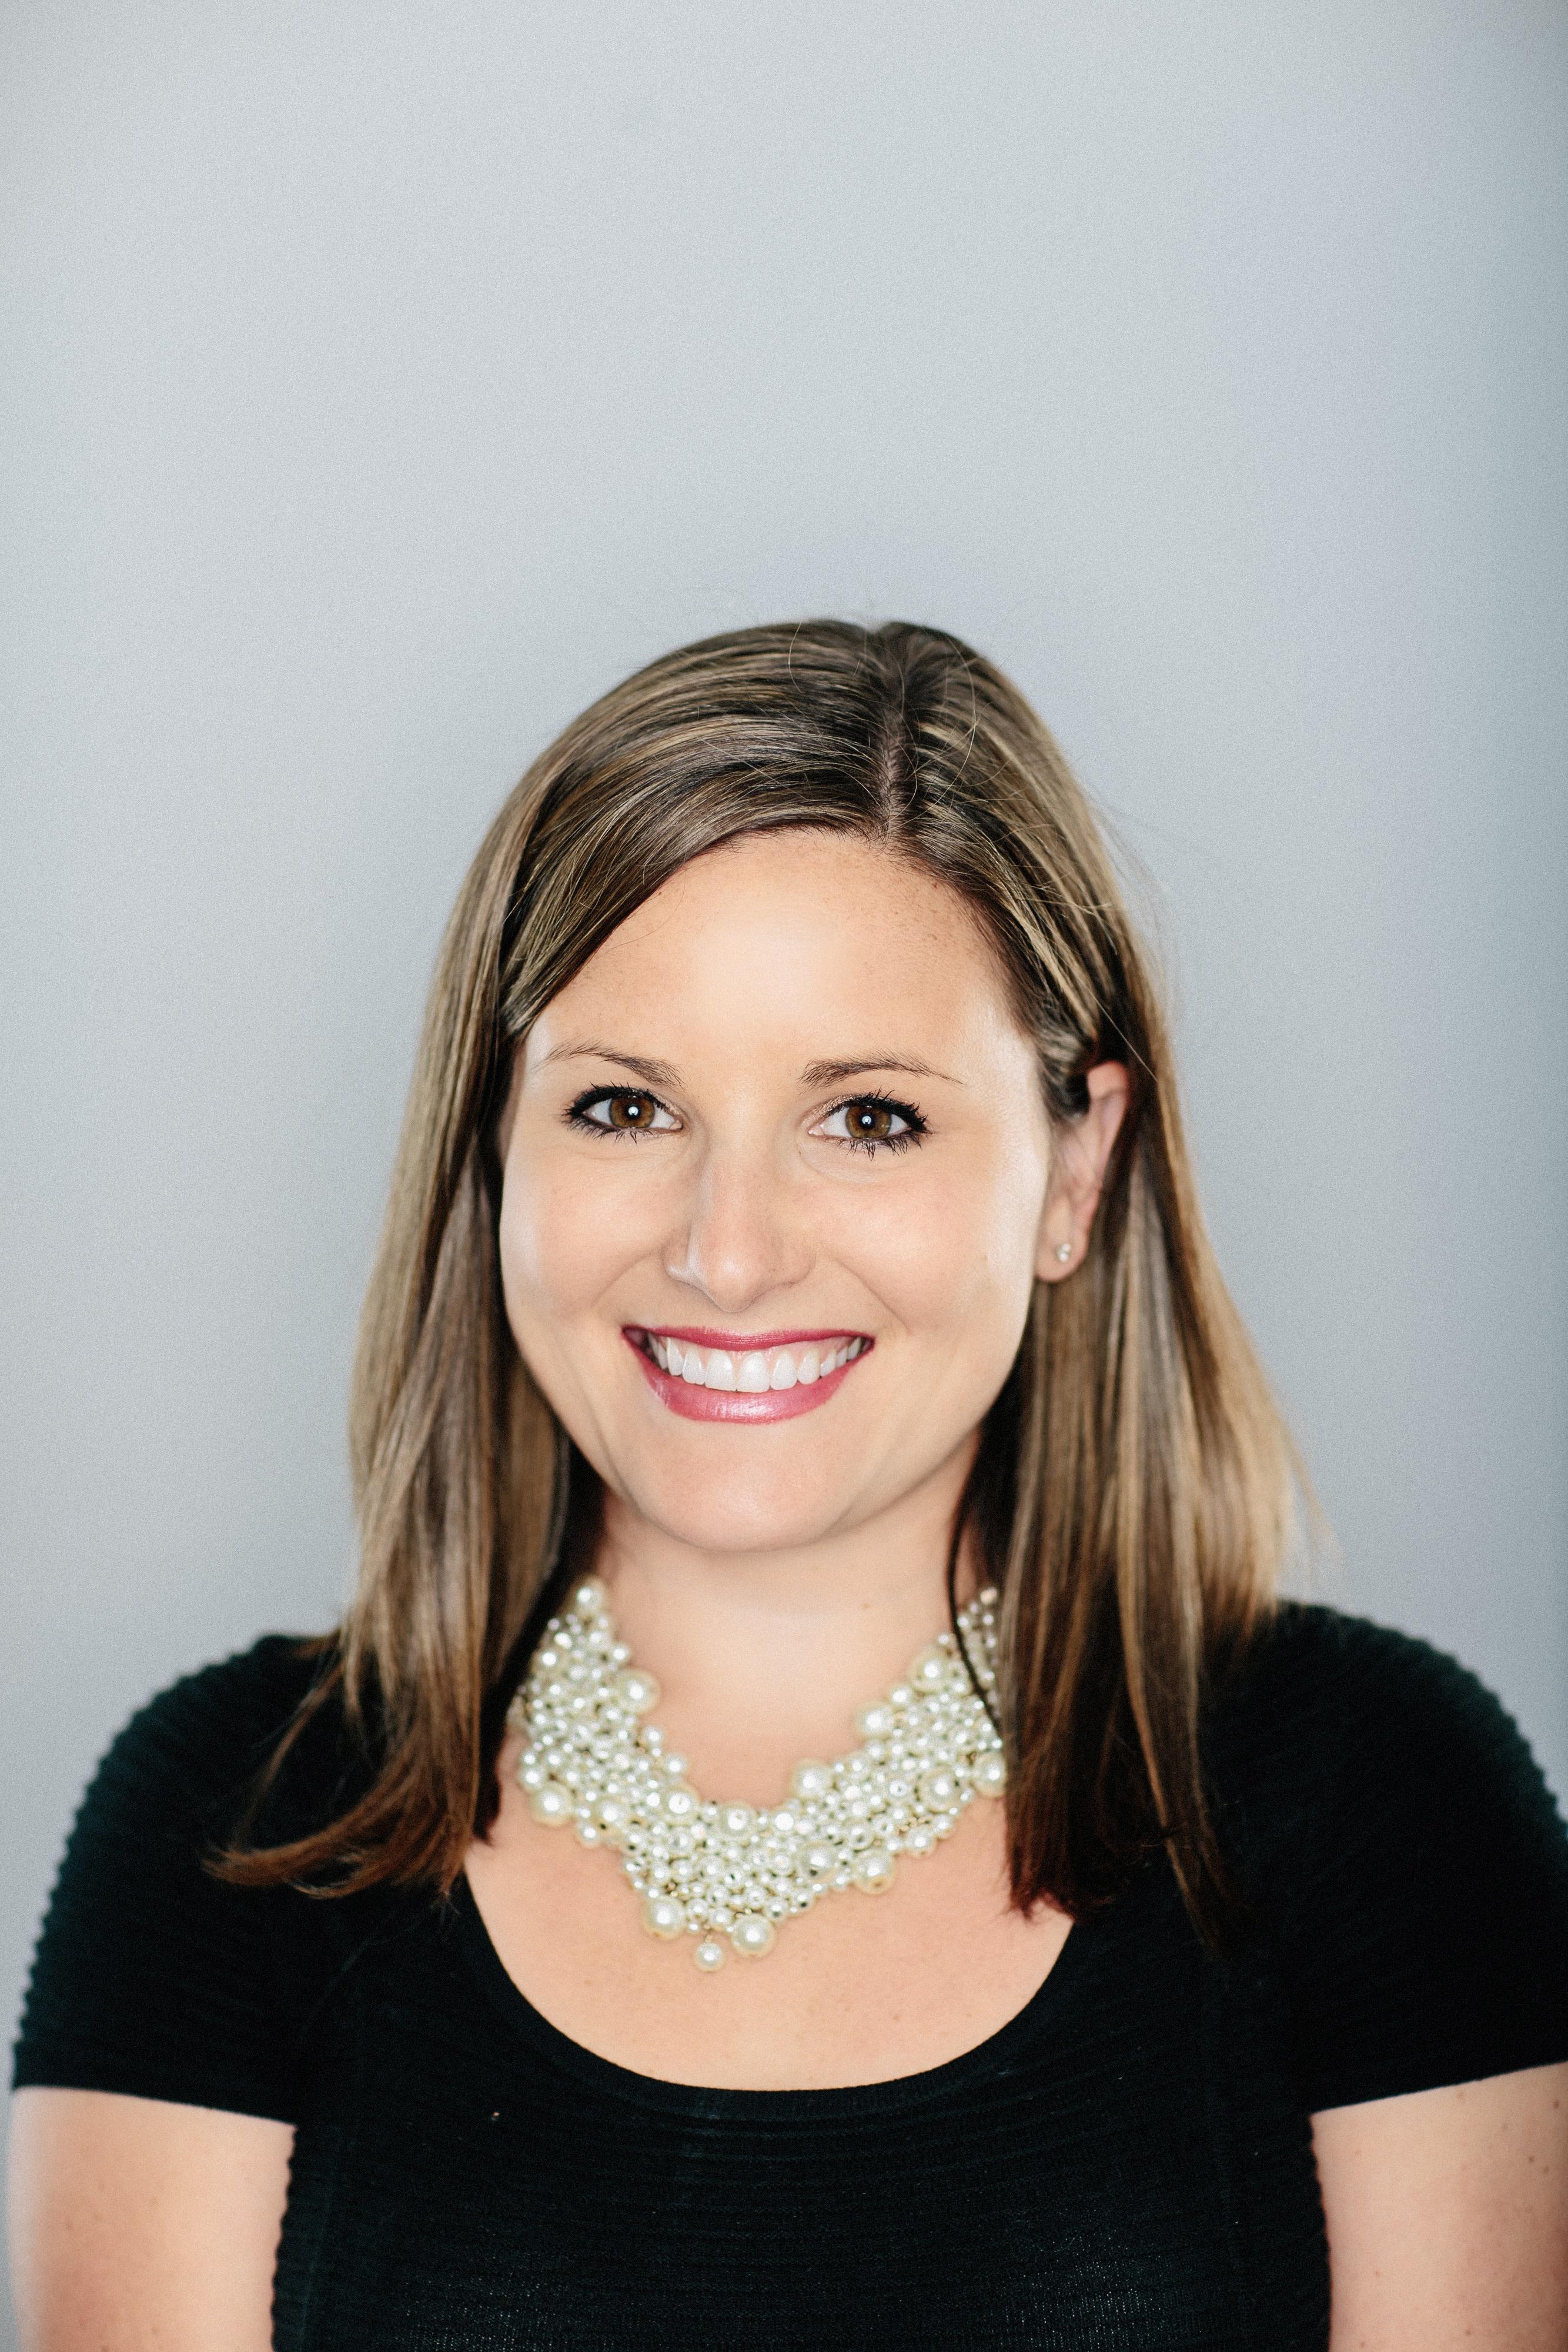 Erin Osborne